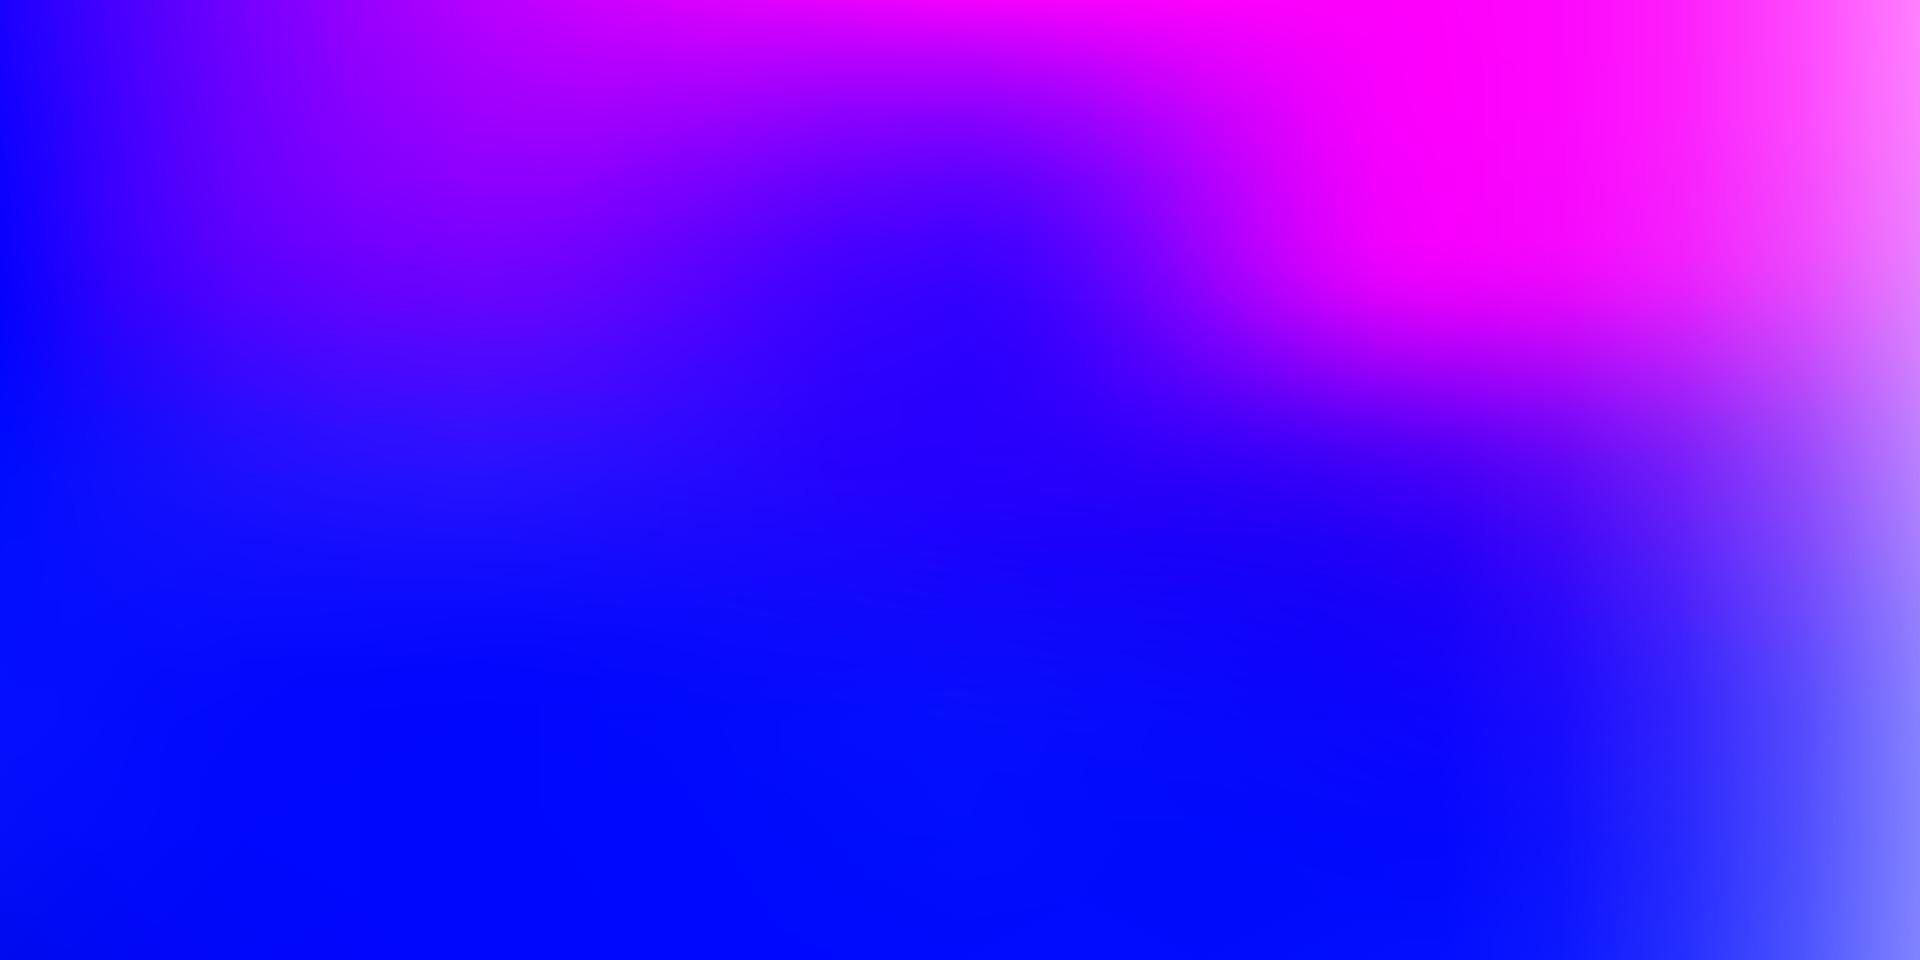 hellrosa, blaue Vektor-Gradienten-Unschärfe-Vorlage. vektor